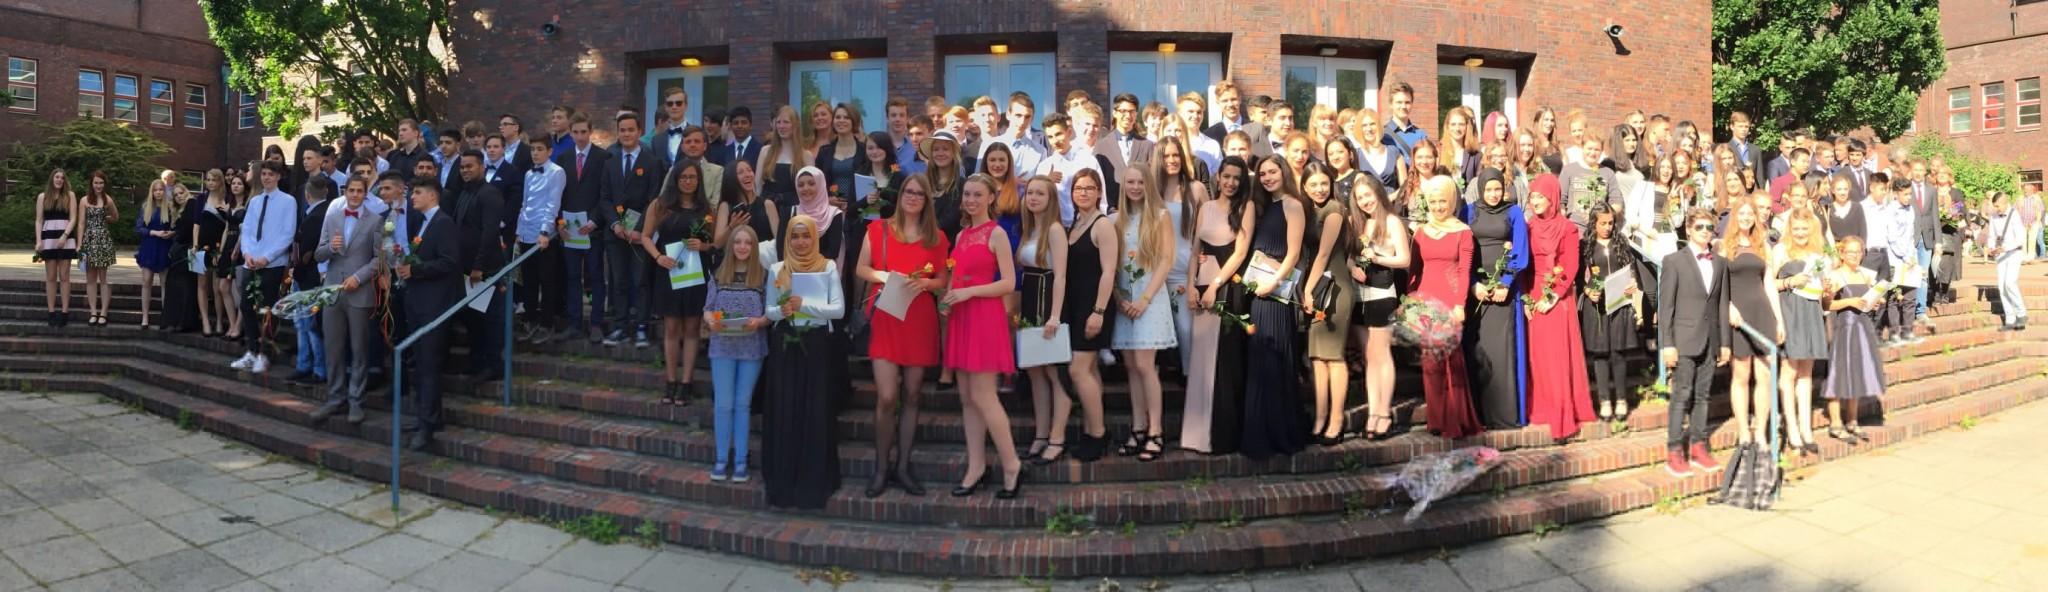 Goethe Schule Harburg abschlussfeier für den 10 jahrgang der goethe schule harburg